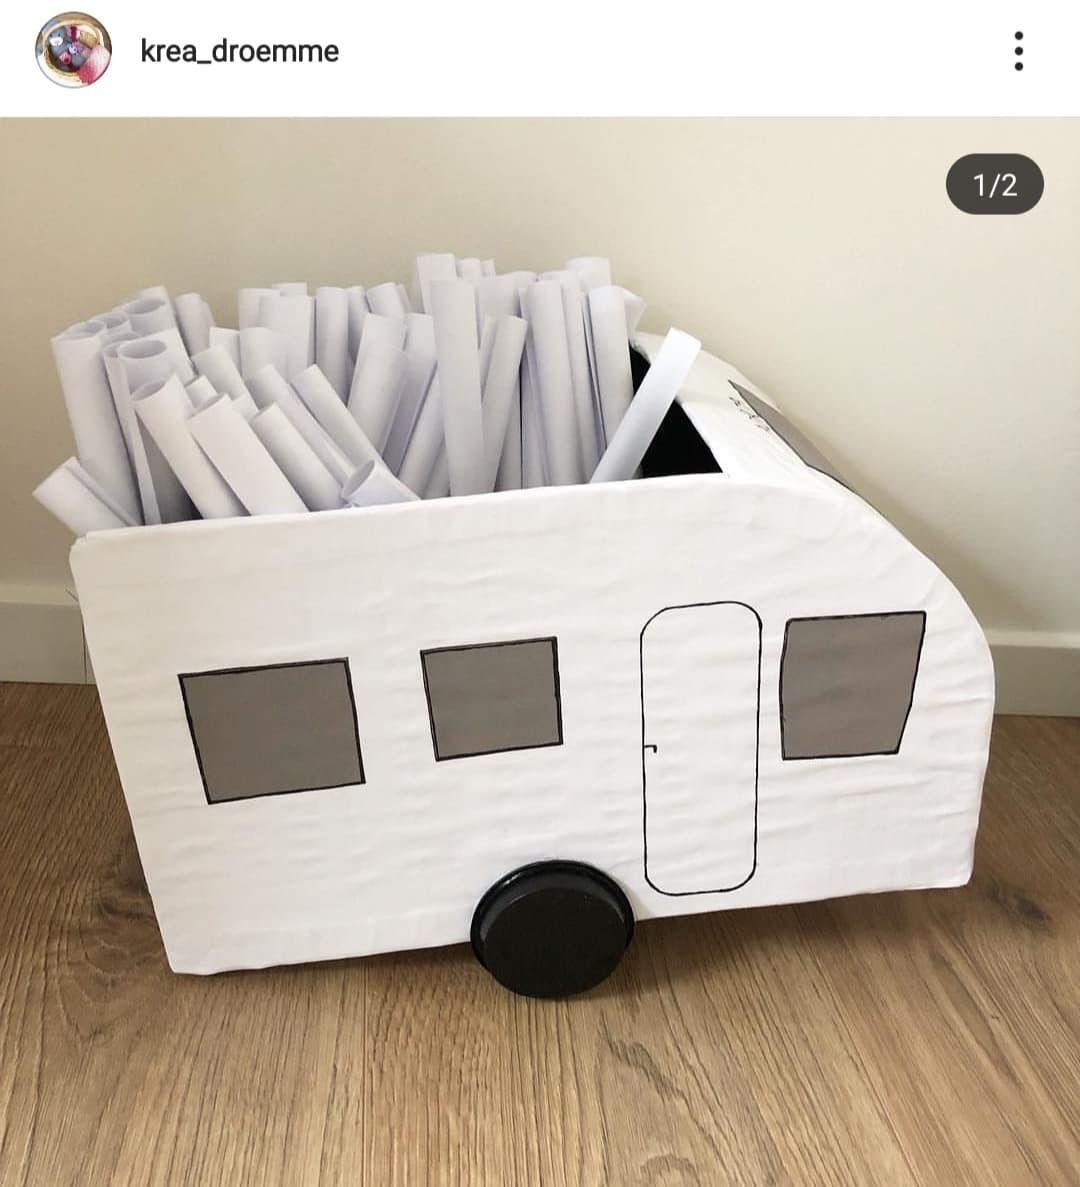 Se lige denne fine campingvogn! Den er den perfekte sangskjuler til campingentusiasten. Vi er vilde med den og den er meget nem at personliggøre :-)